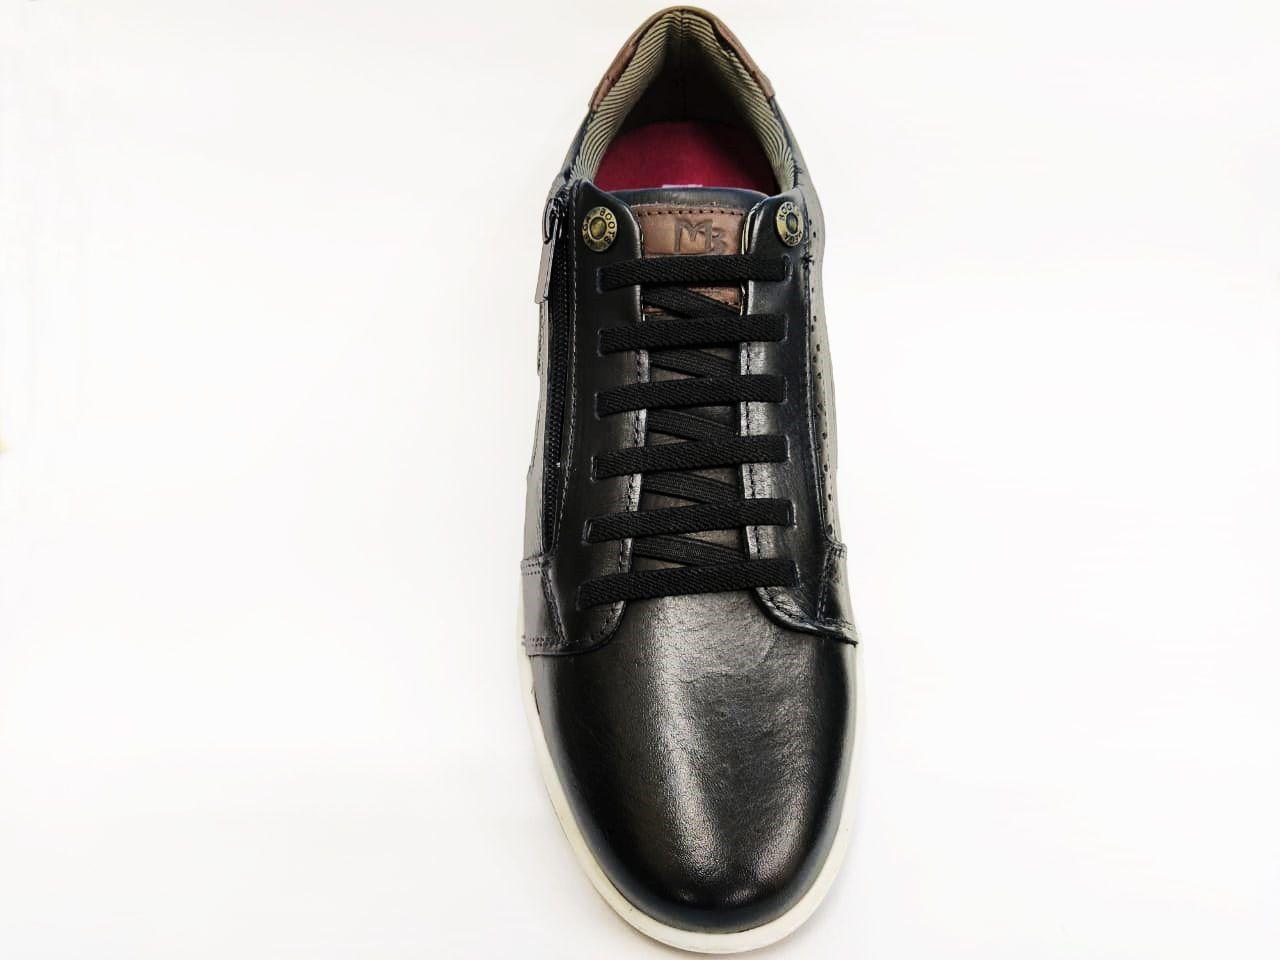 Sapatenis Masculino Mega Boots 15037 - Preto/Café